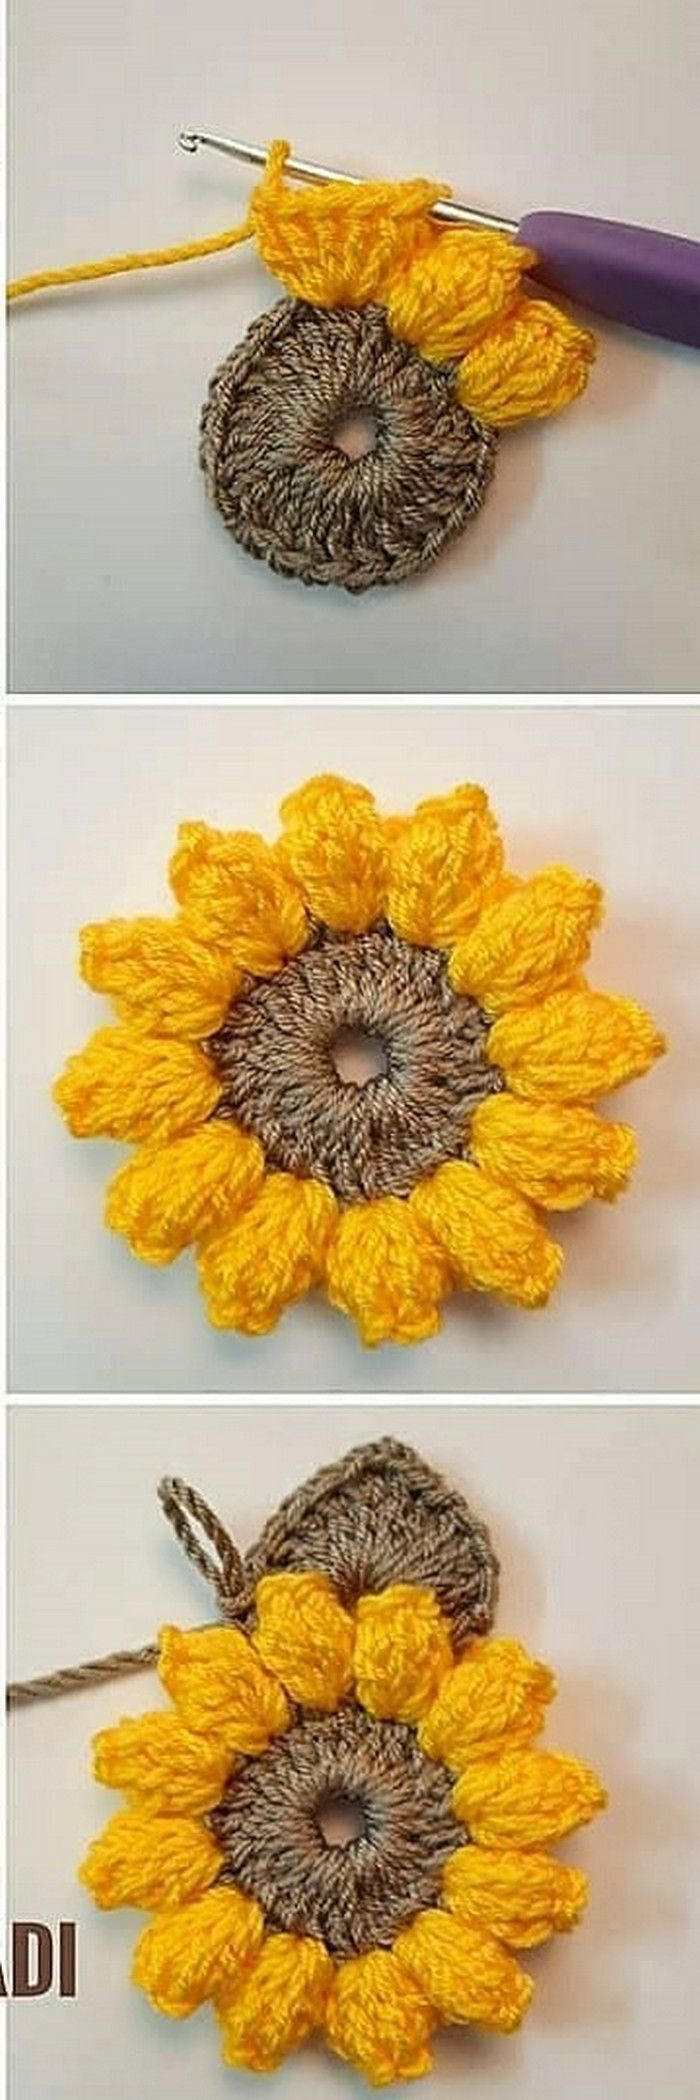 DIY Easy Crochet Flower design